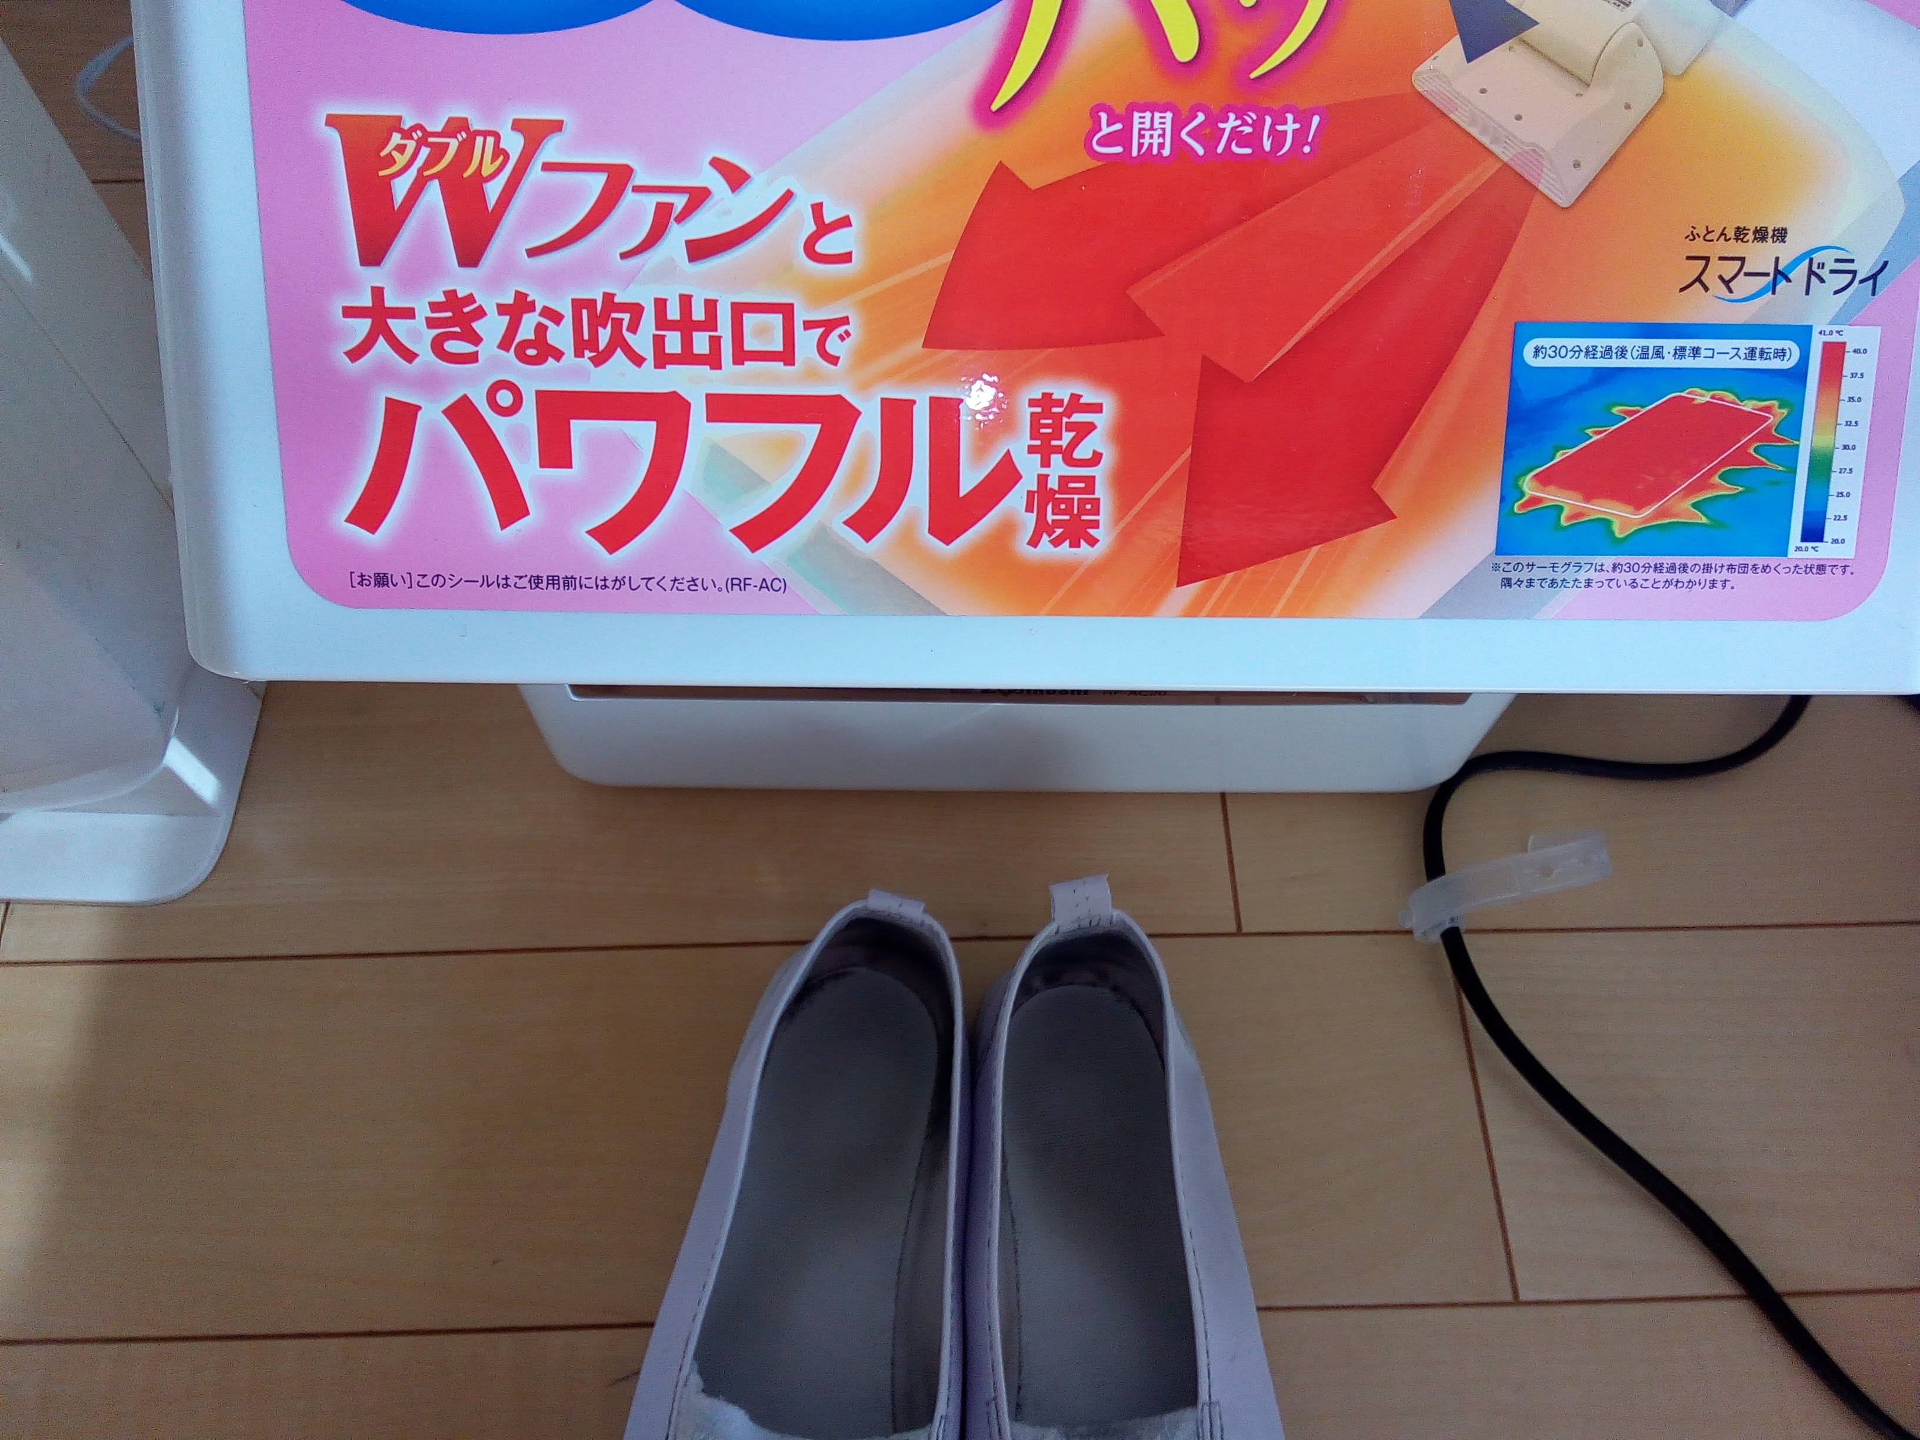 布団乾燥機の靴乾燥機機能は消臭にも良いのか革靴でも試してみた